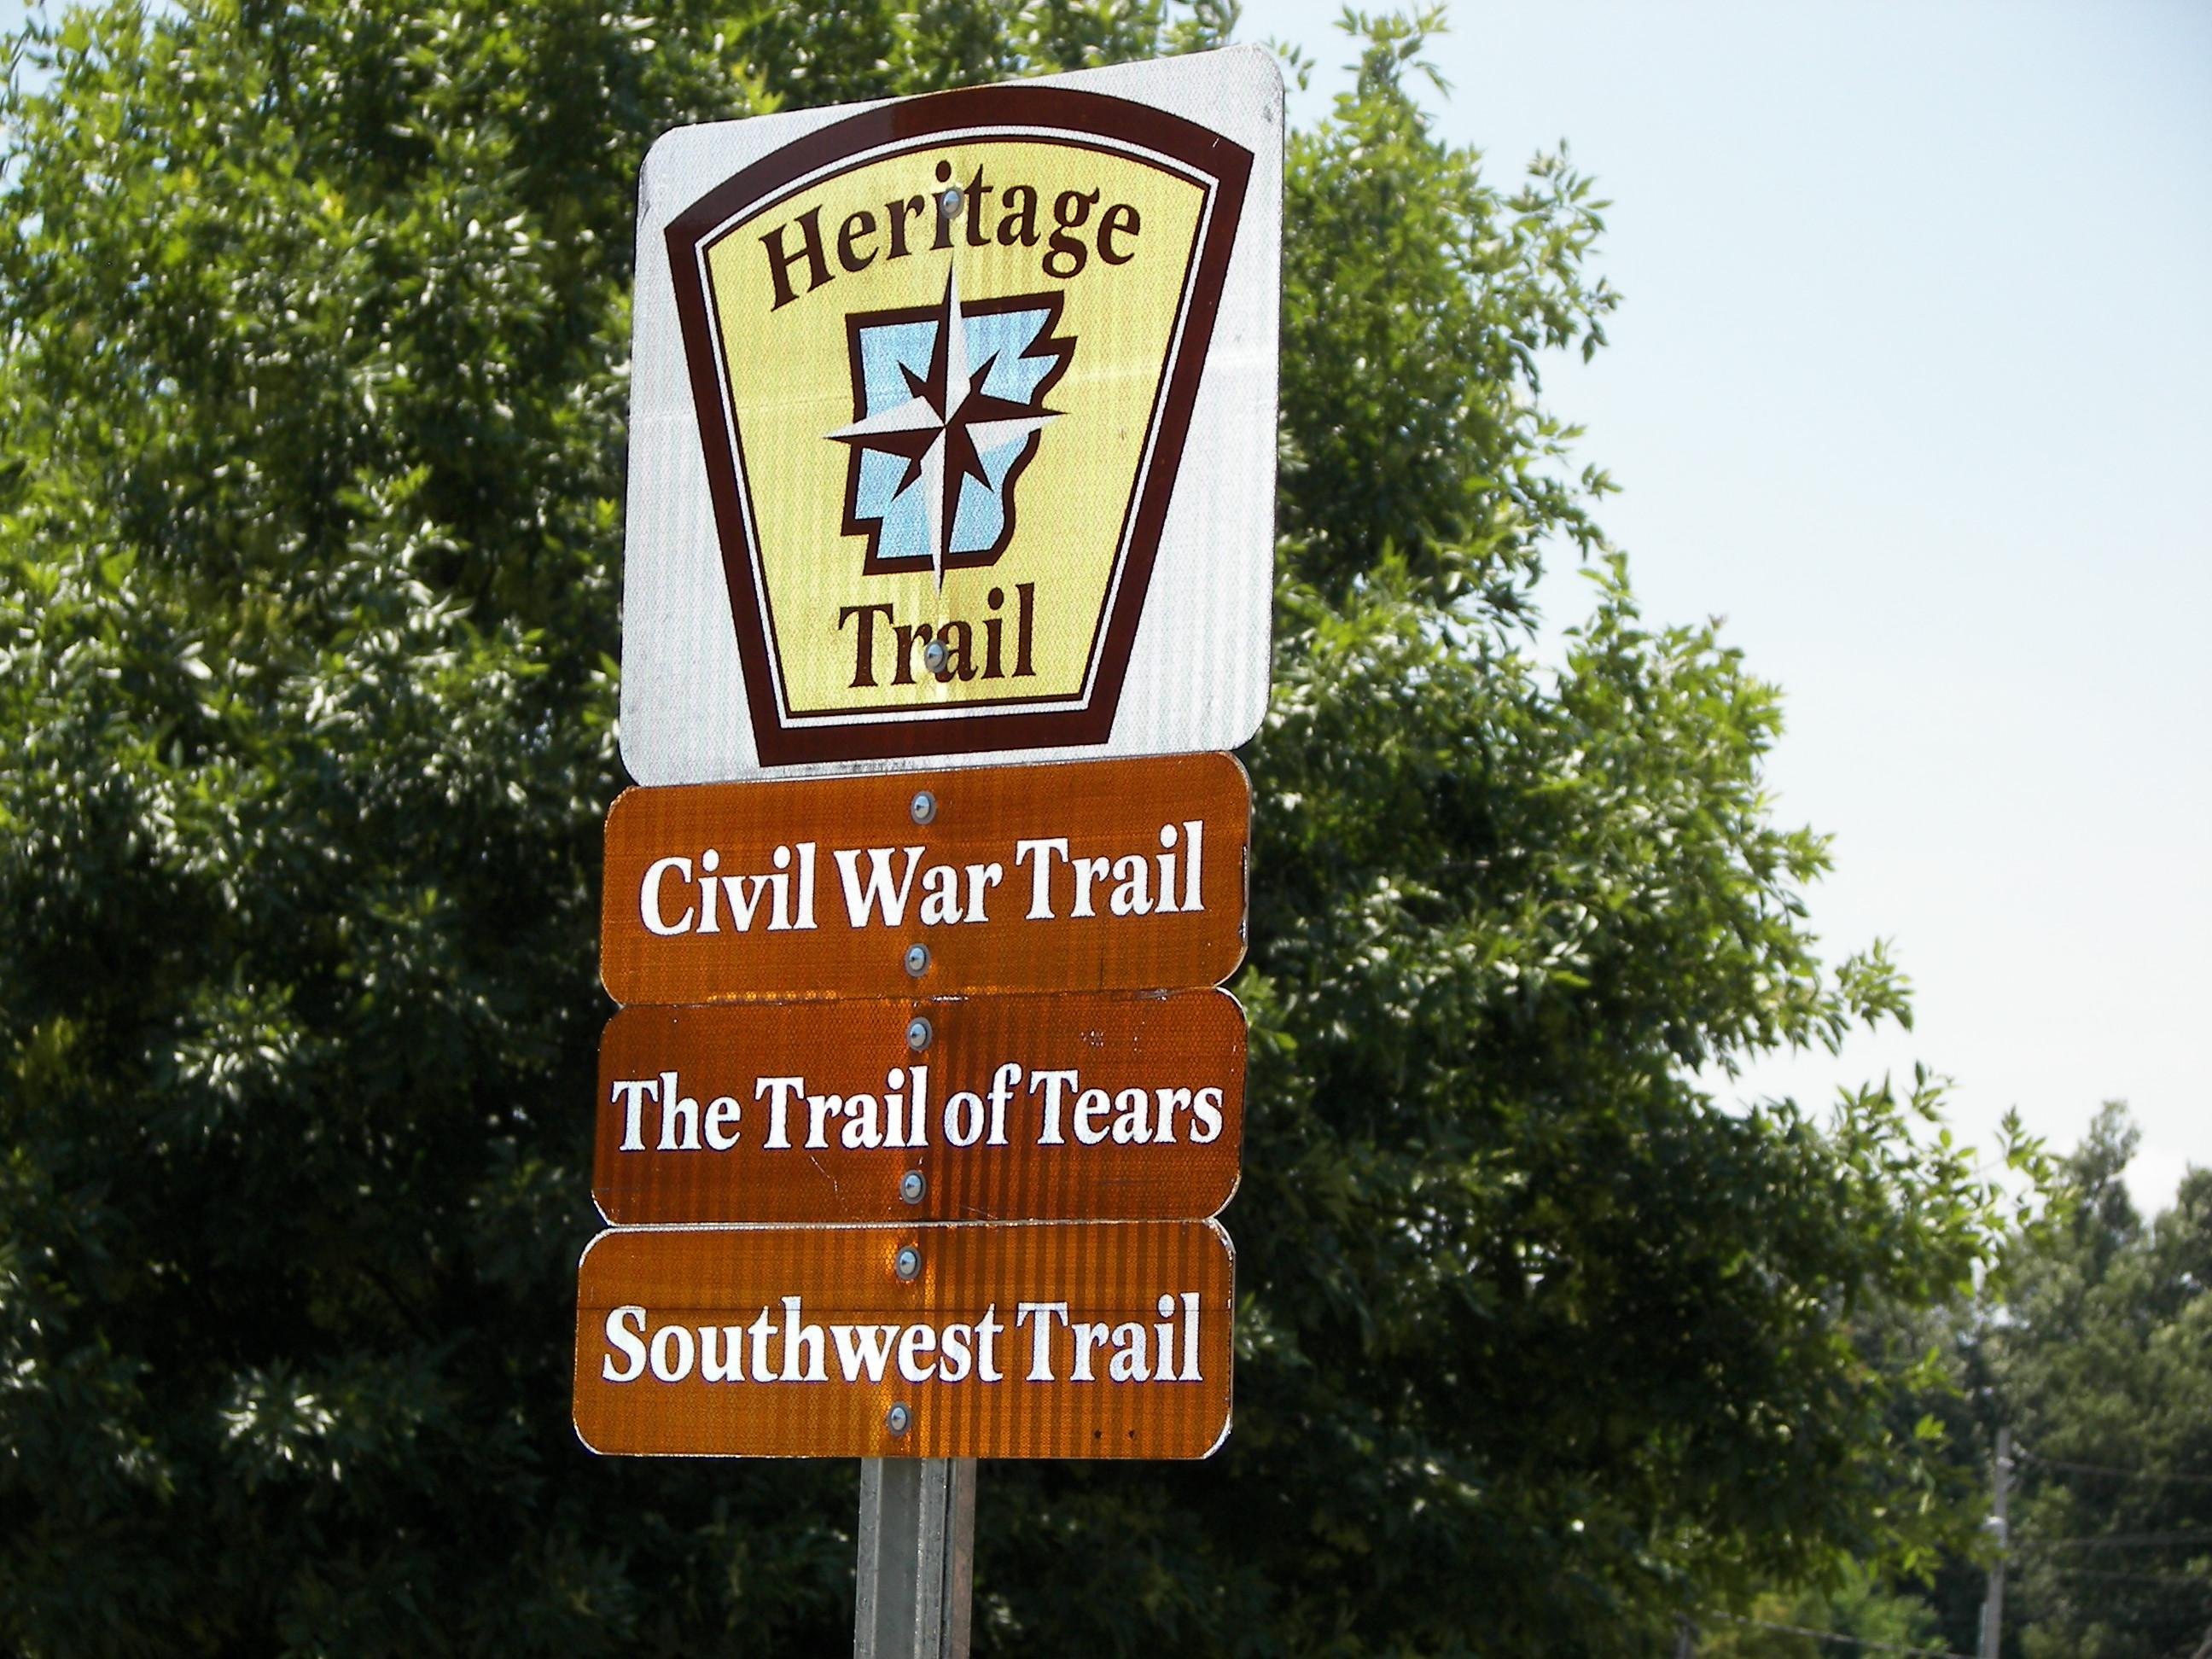 Arkansas Heritage Trail